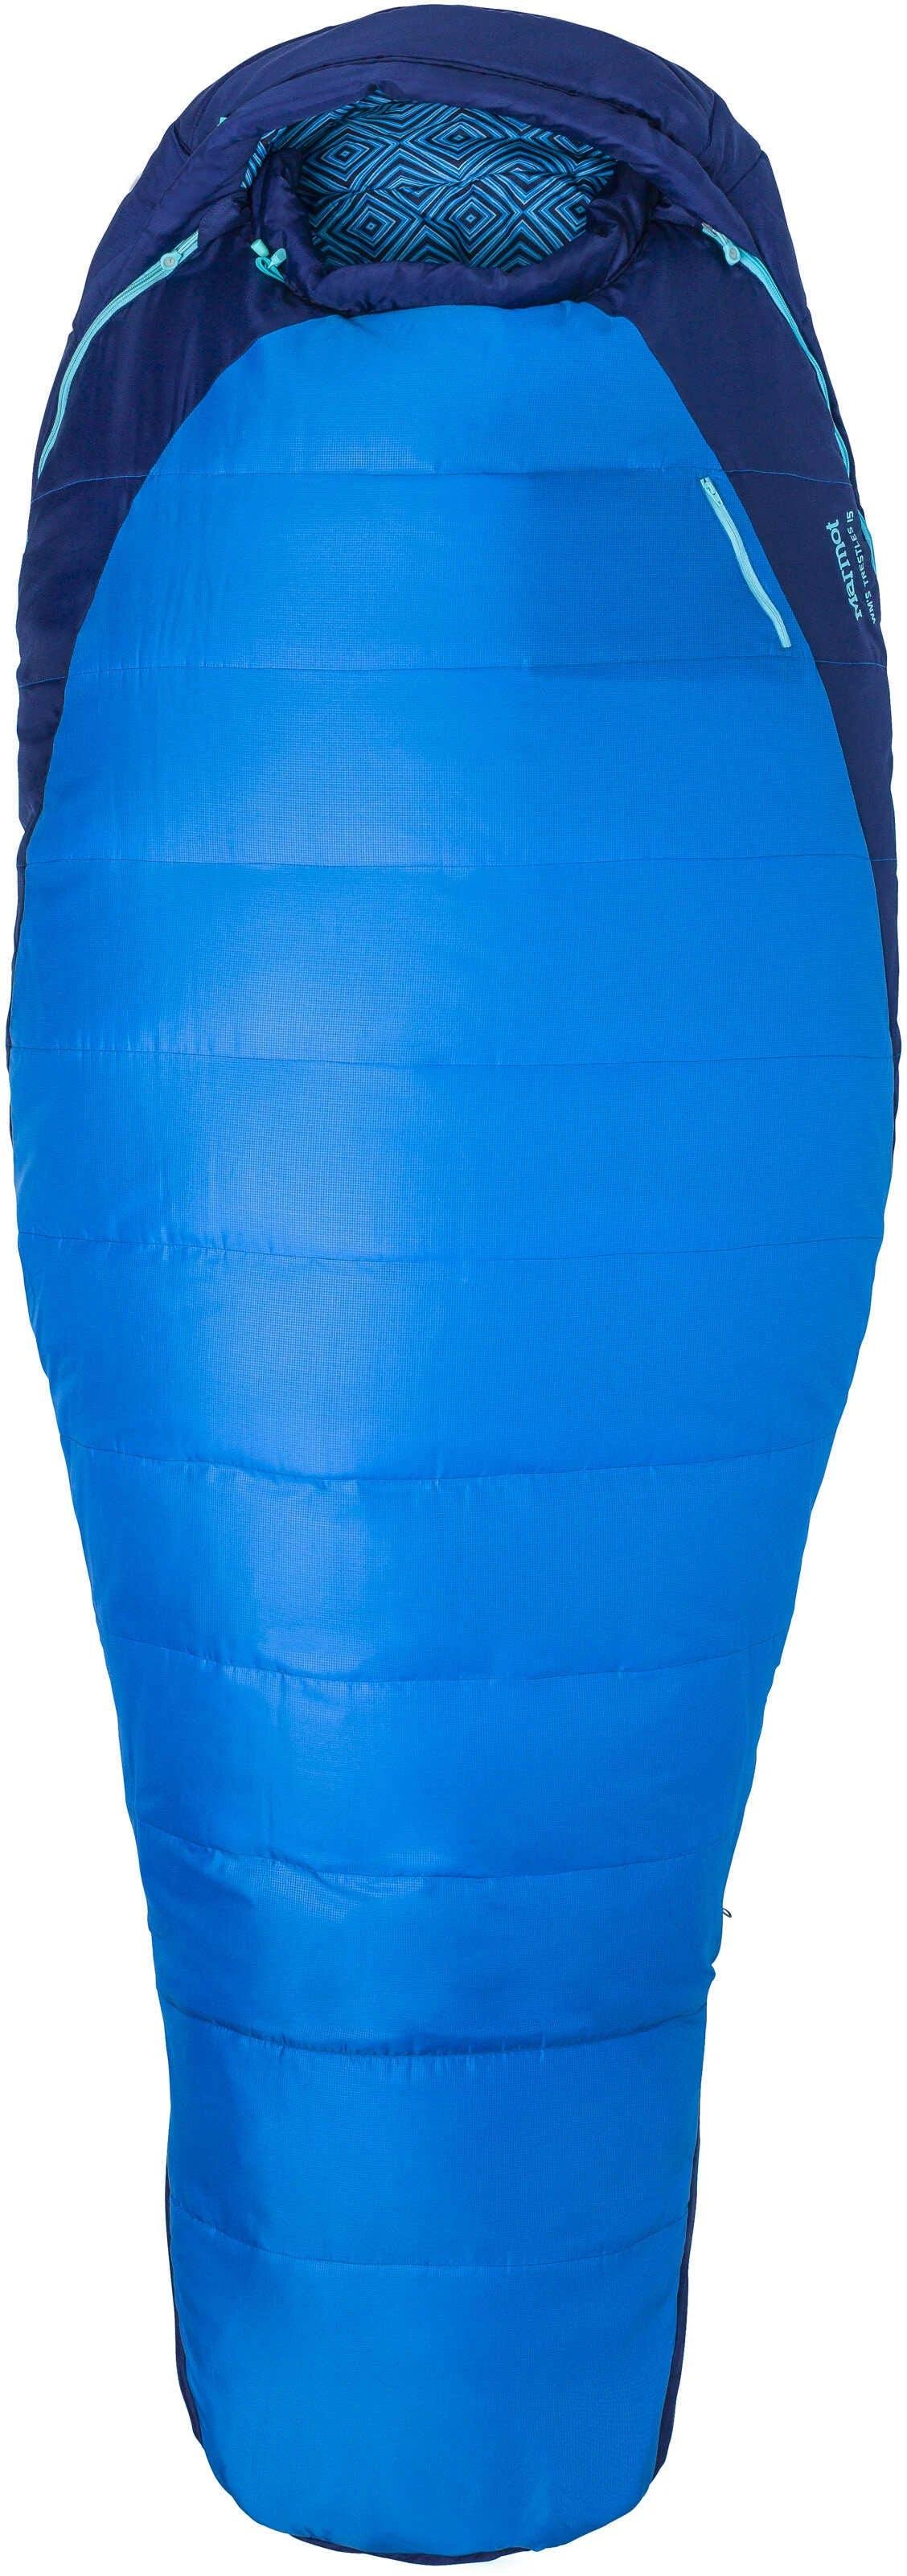 Marmot Women's Trestles 15 Sleeping Bag French Blue Harbor Blue Right